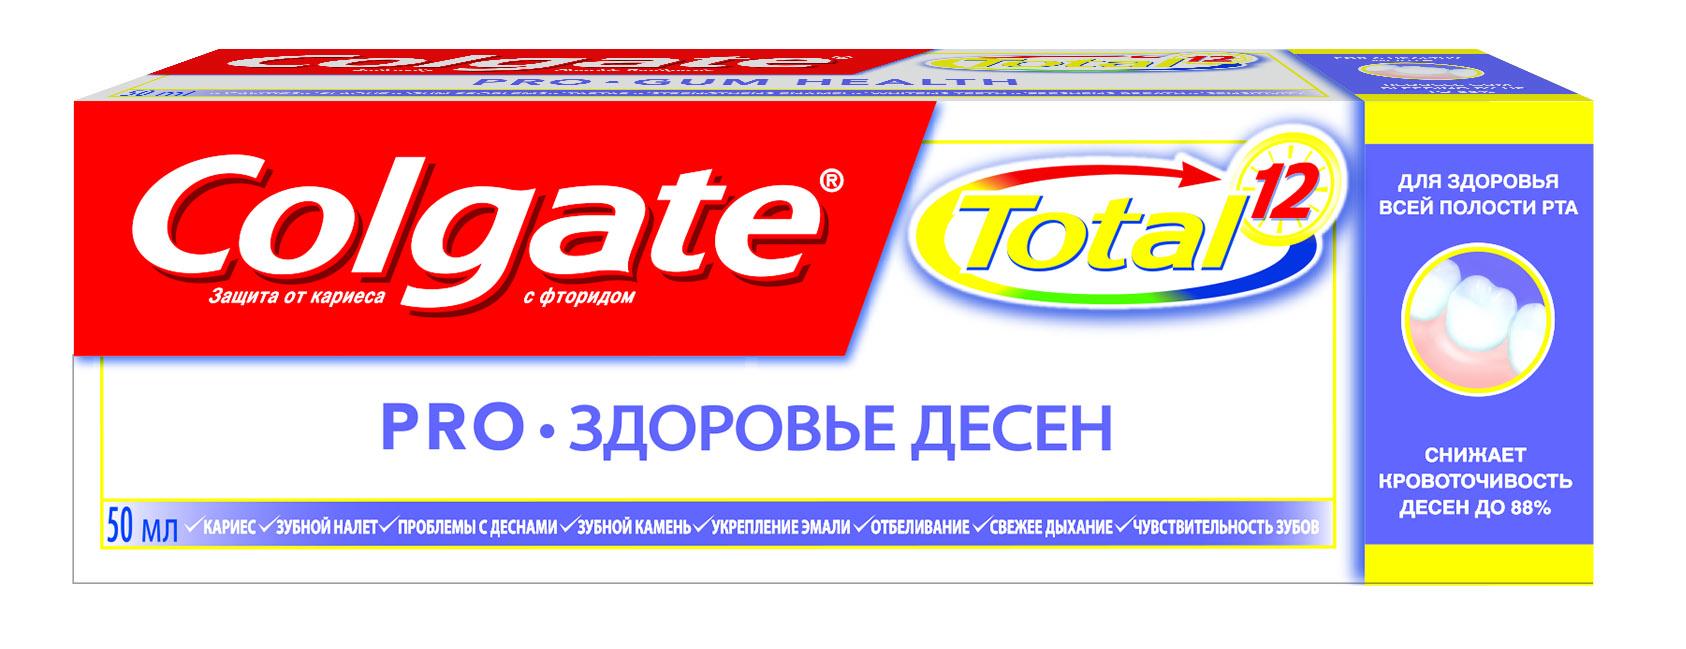 Colgate выпустила обновленную линейку Colgate Total